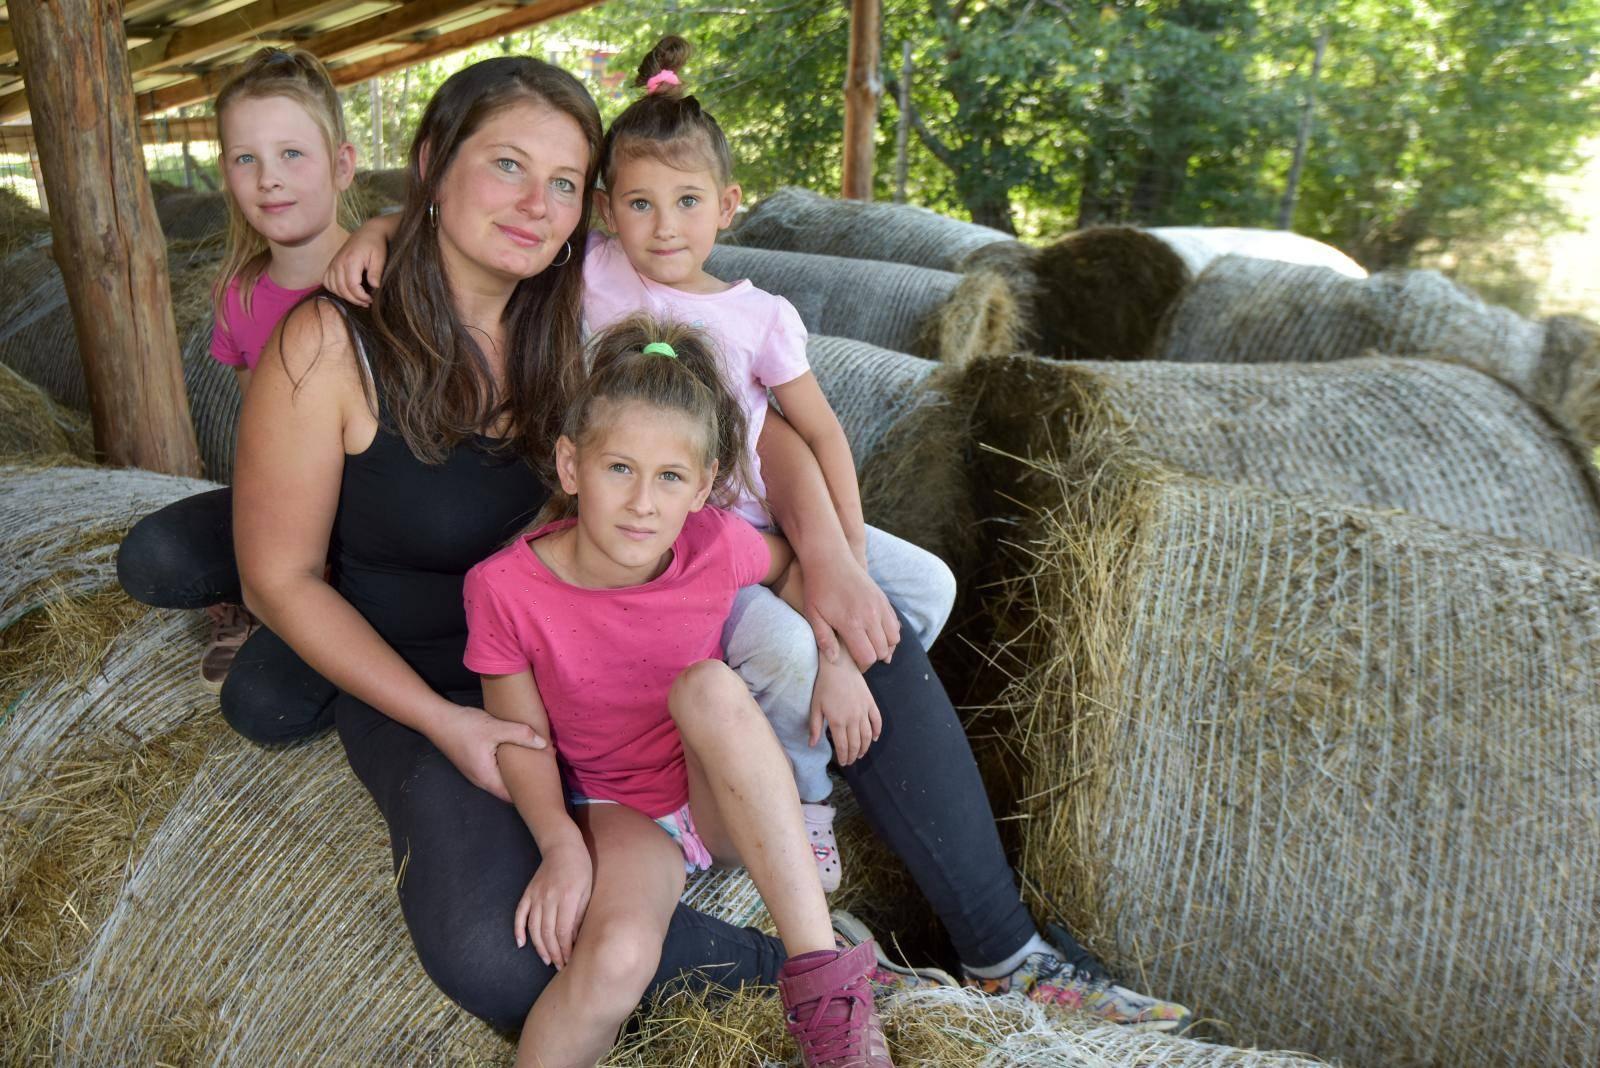 Sama brine o 4 kćeri, 8 ovaca, 40 krava, bori se s vukovima...